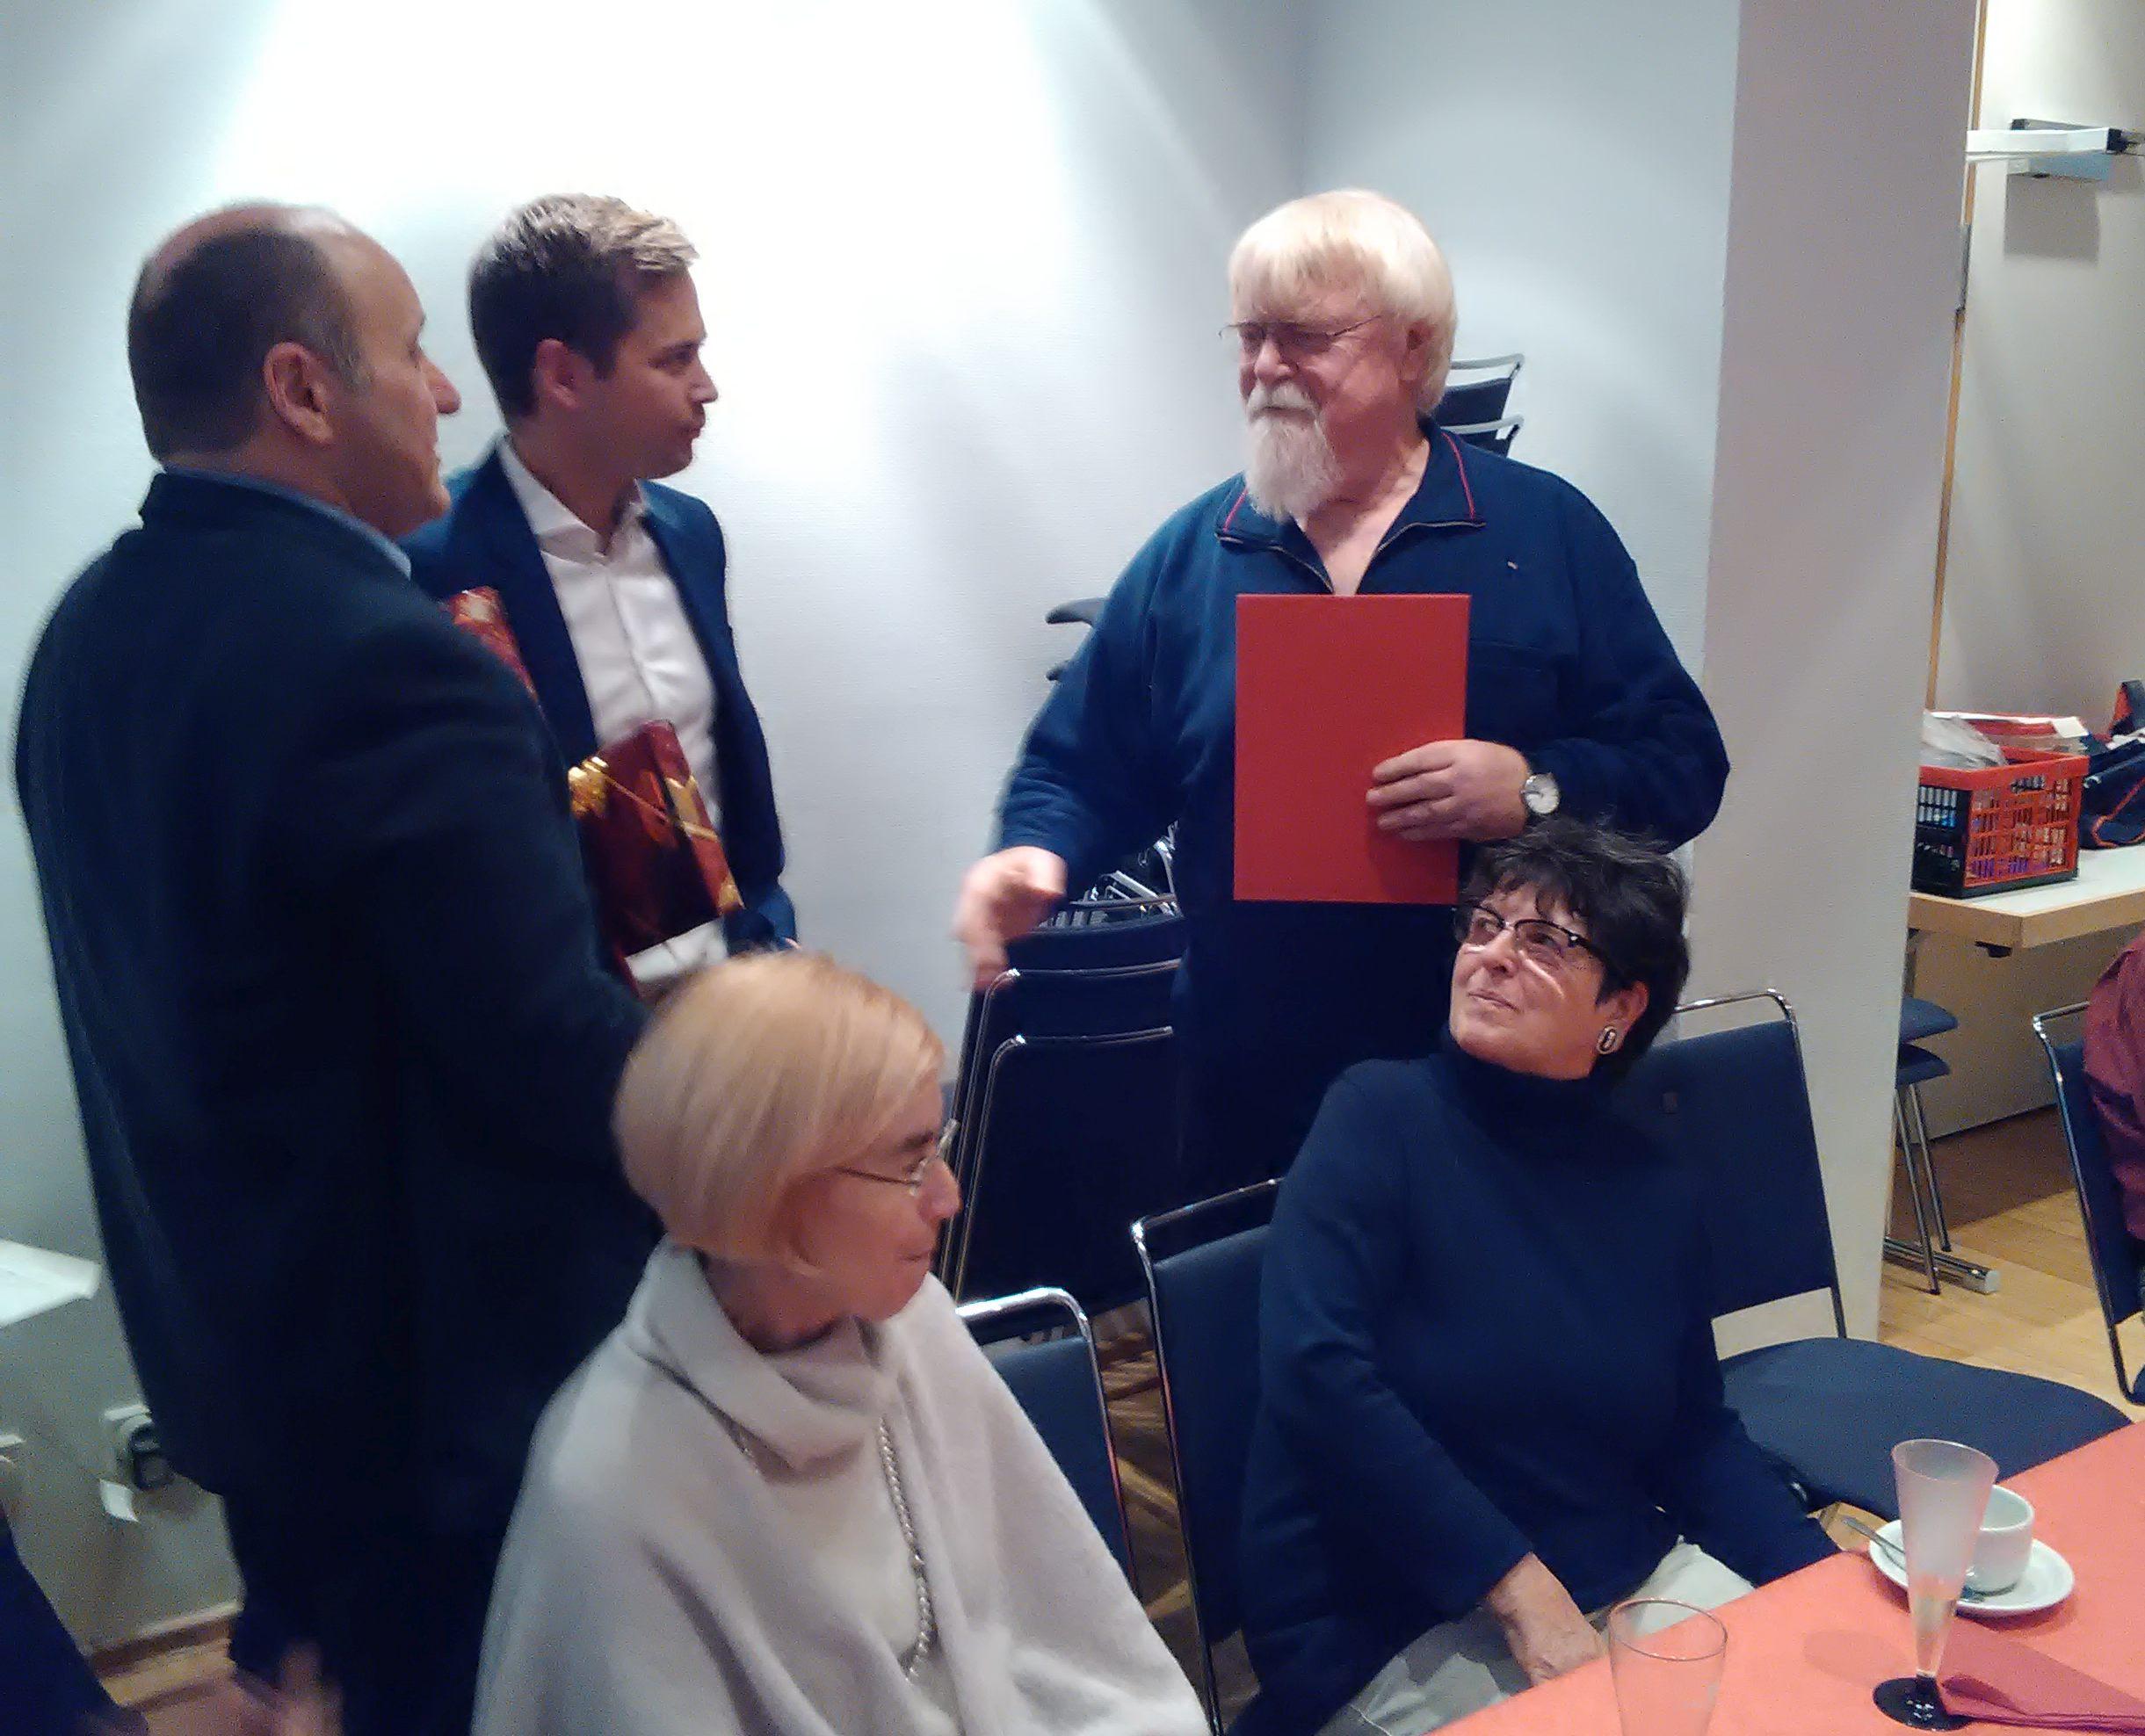 Vorsitzender Robert Pastyrik, Bundestagskandidat Oliver Strank und Jubilar Werner Roth